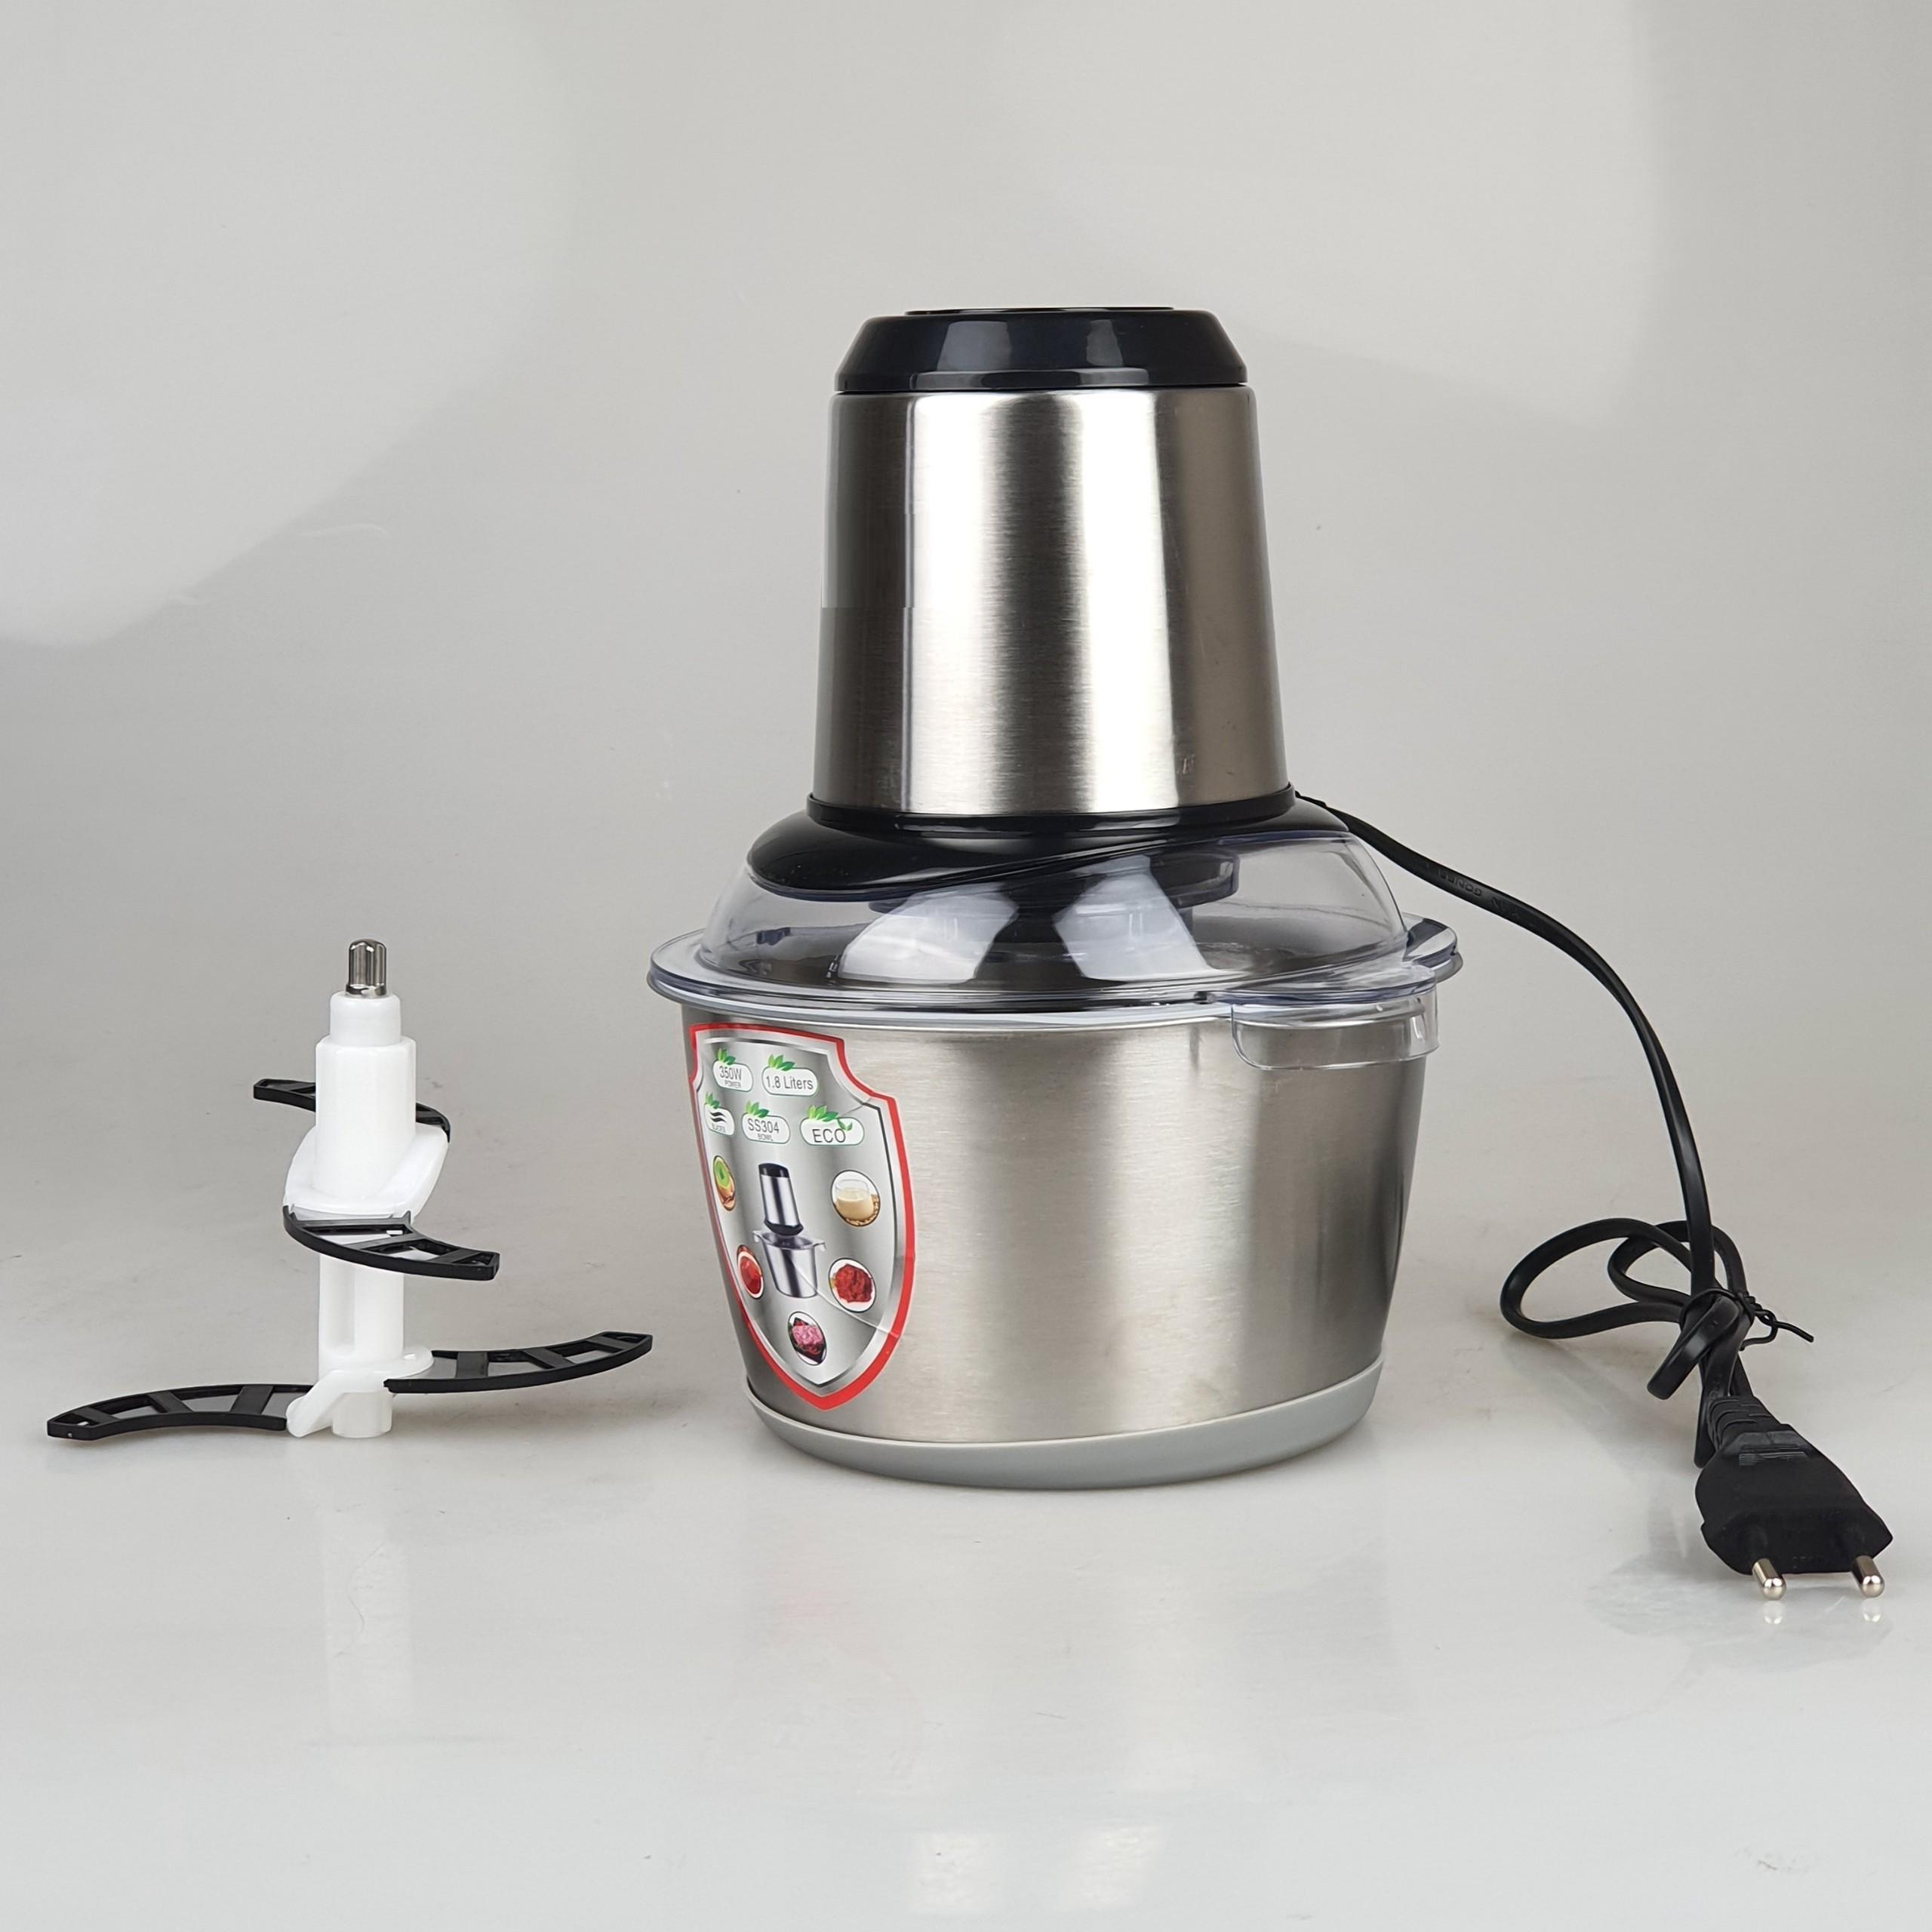 Máy xay thịt, xay cá, thực phẩm cối inox 304 dung tích 1.8L, công suất 350W xay cực nhuyễn